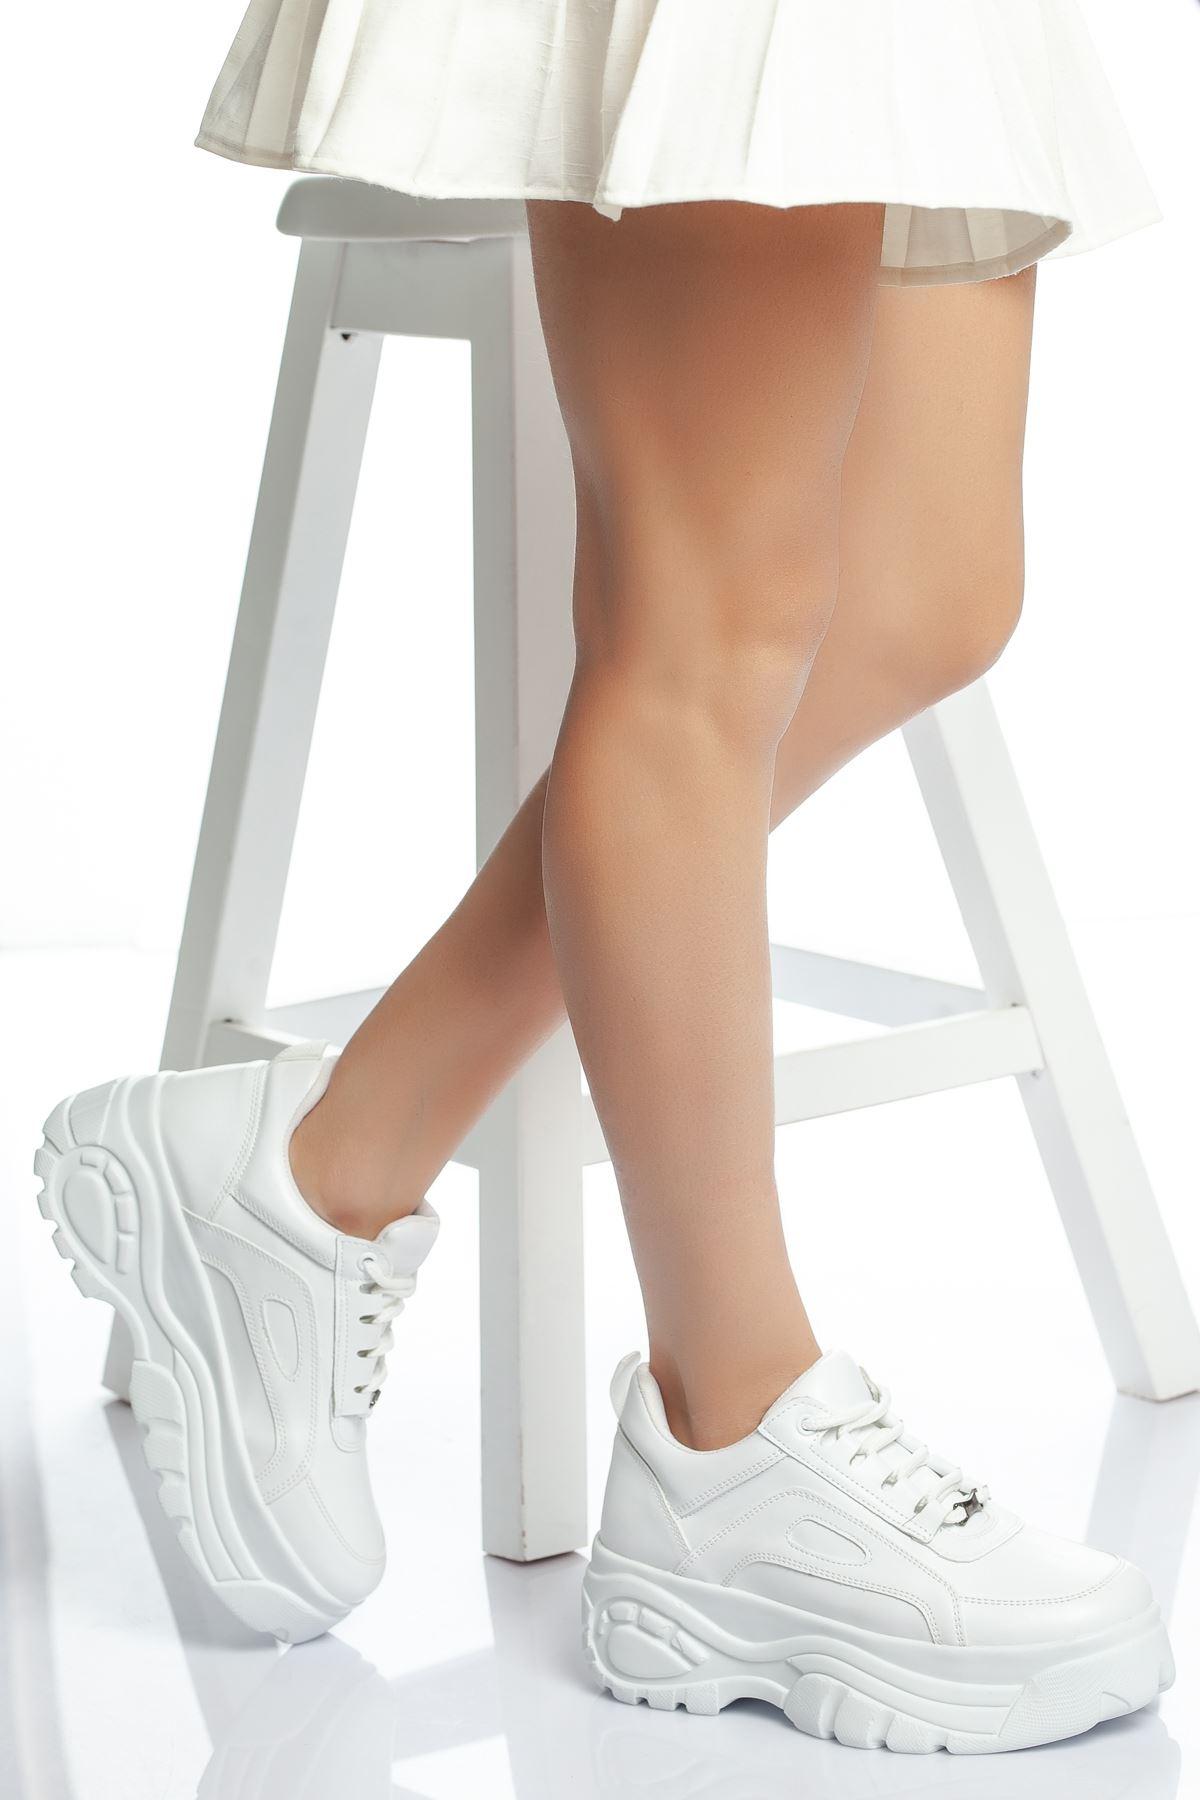 Ryan Yüksek Topuk Cilt Spor Ayakkabı Deliksiz Beyaz